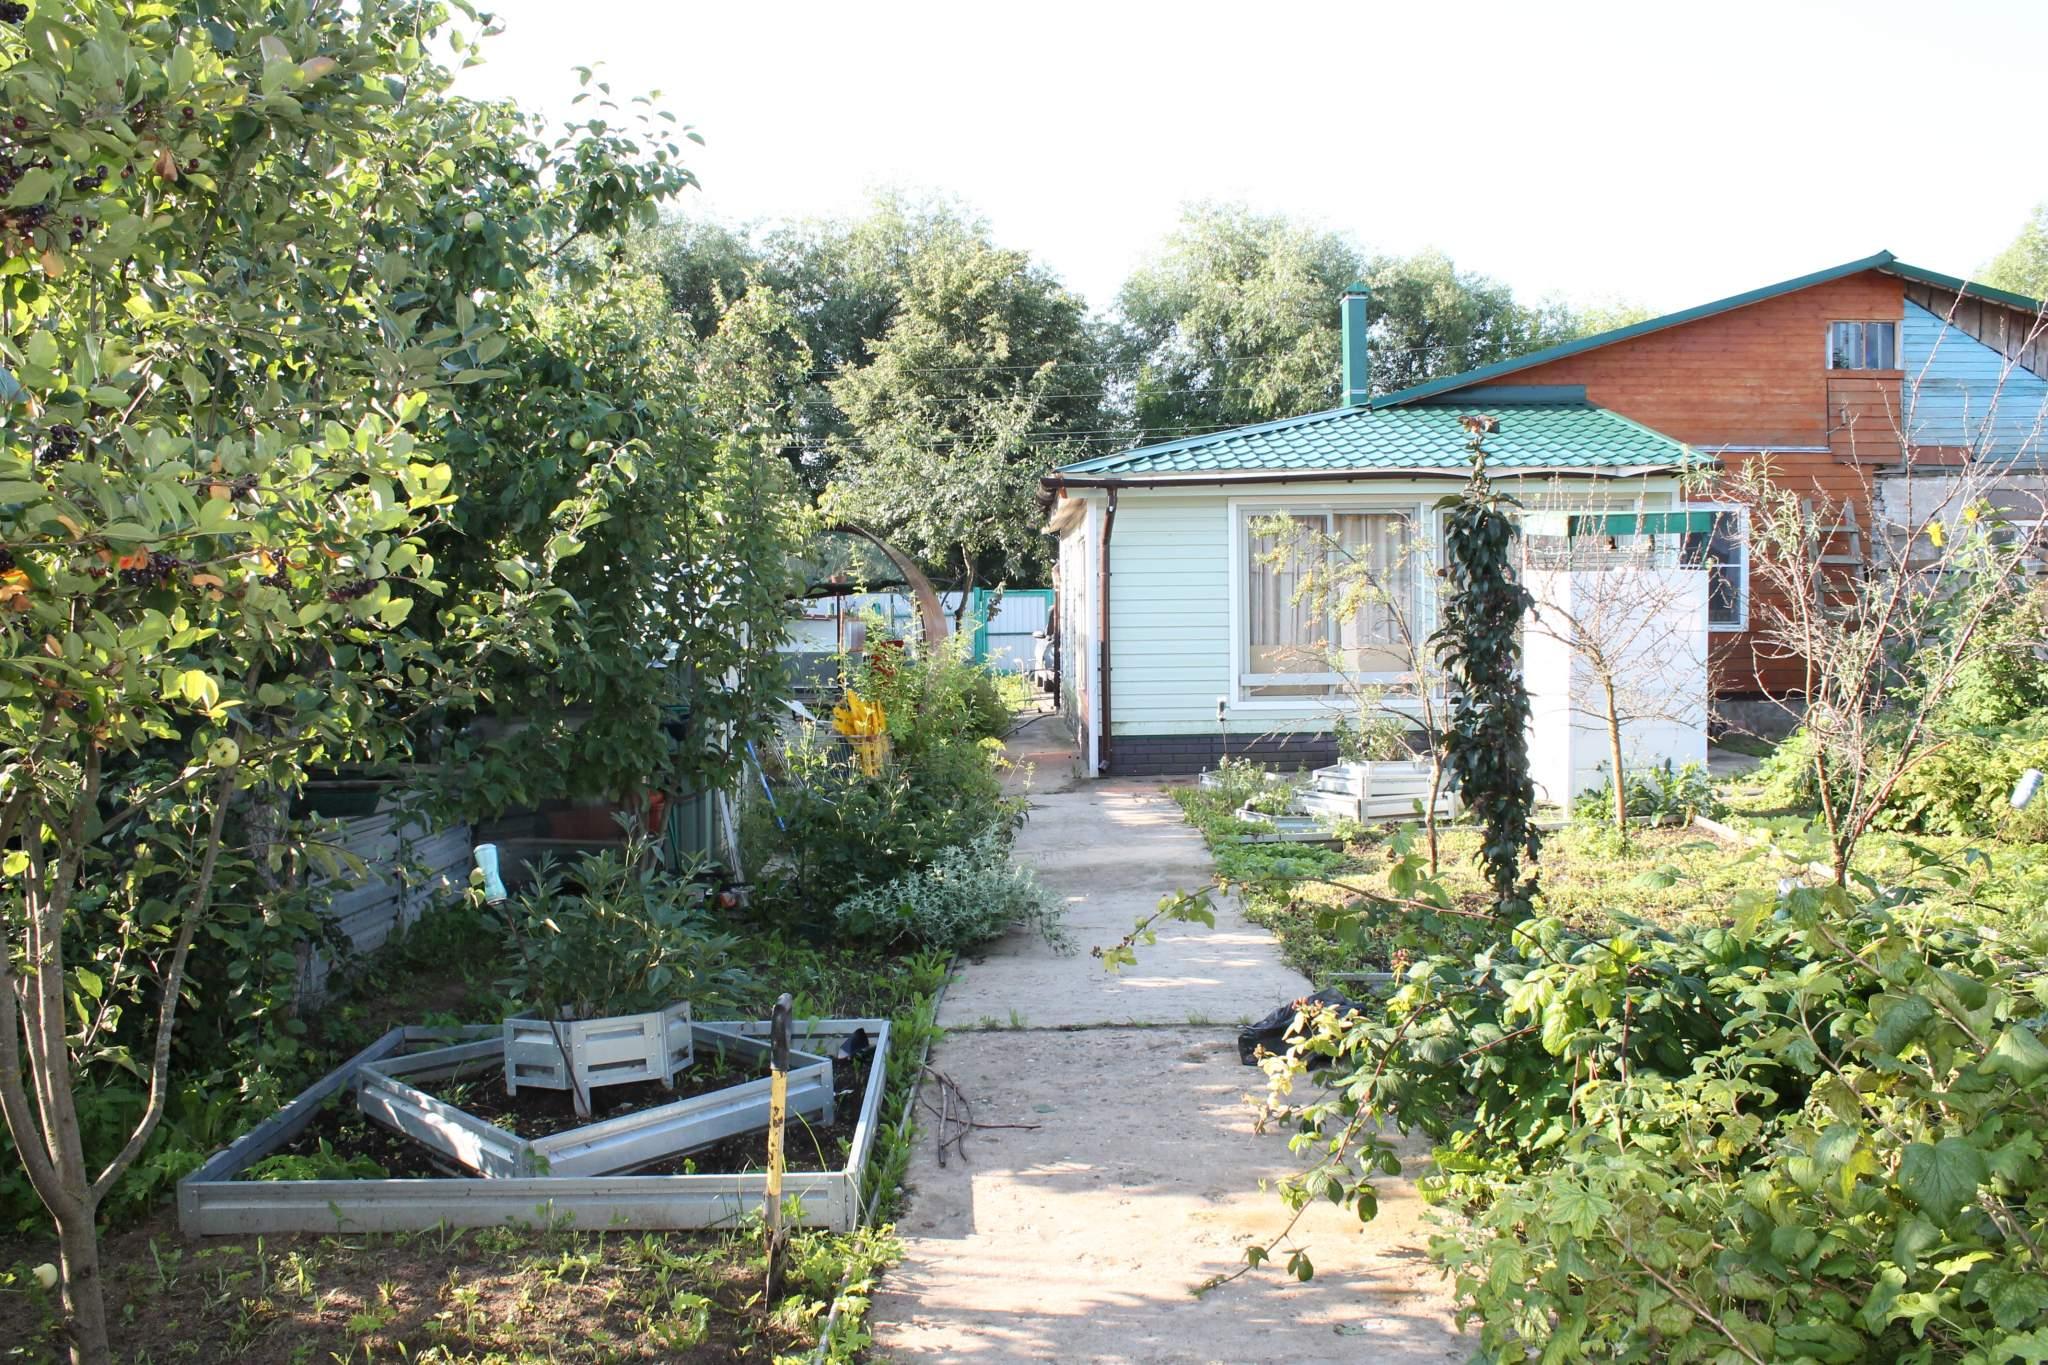 Дом на продажу по адресу Россия, Тверская обл, Кимры, Абрамовский проезд